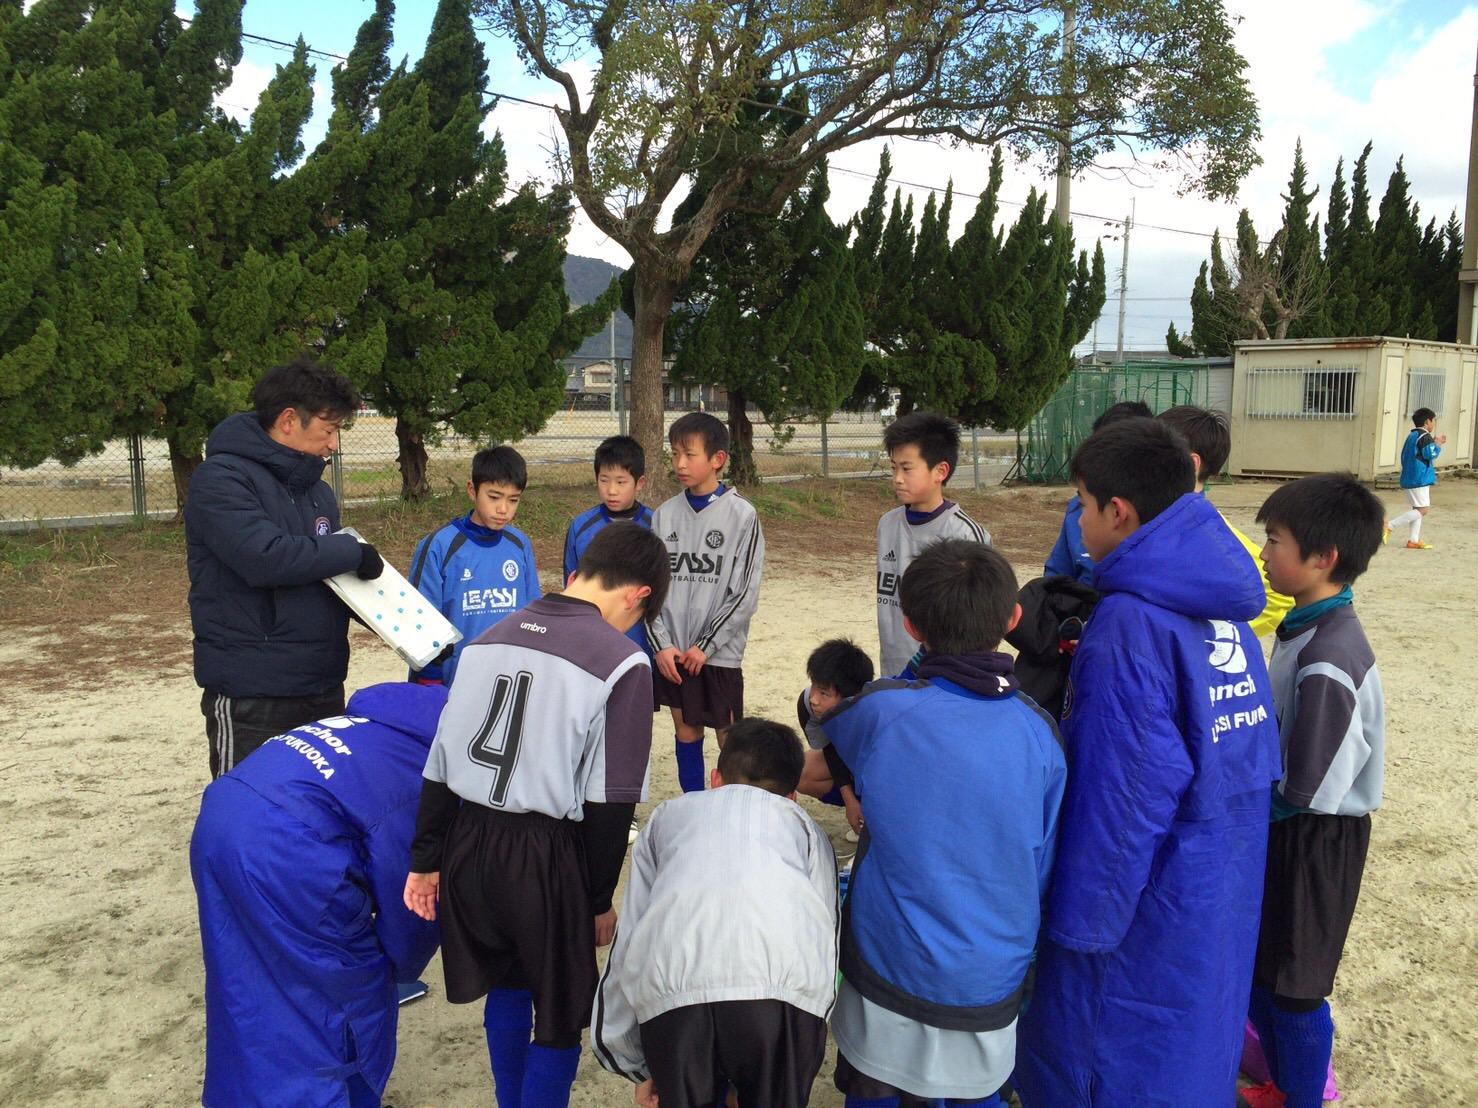 レアッシジュニア 育成U-12 トレーニングマッチ in 加布里小学校